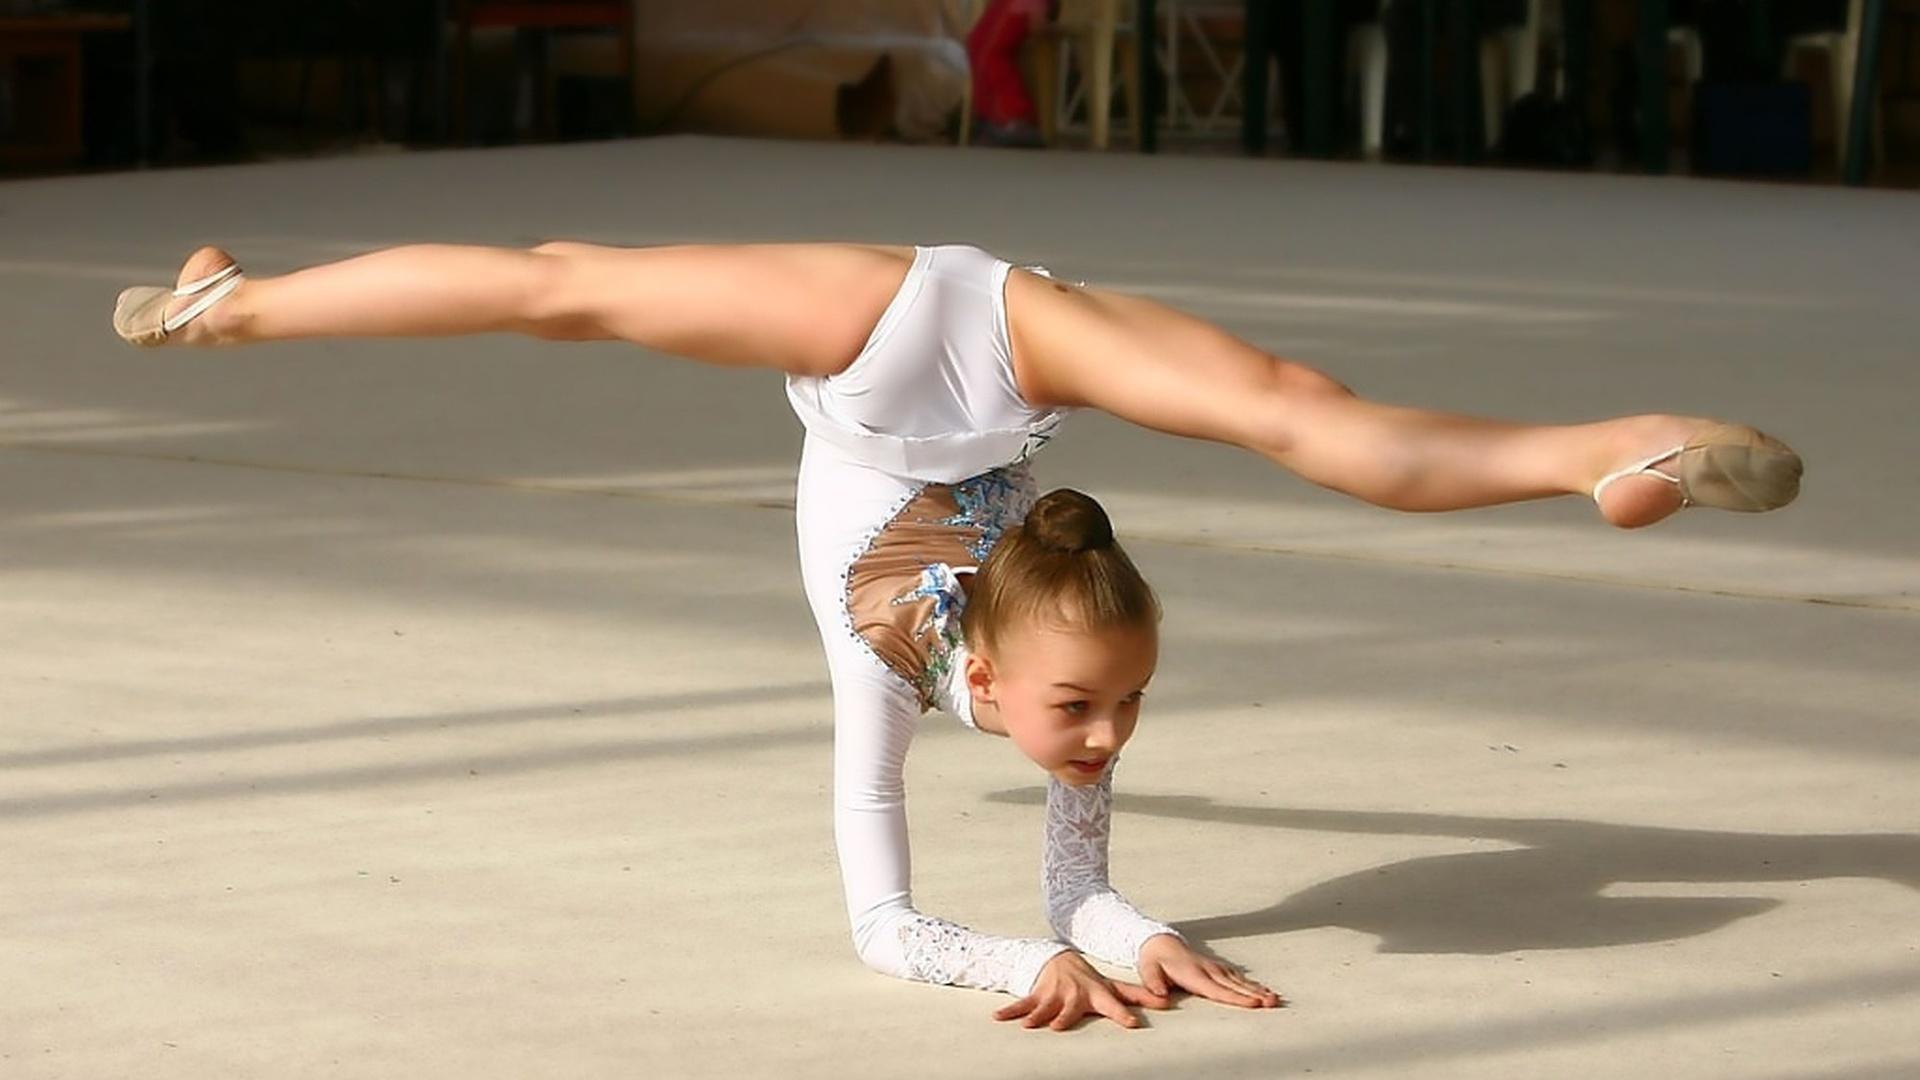 гибкие гимнастки голые